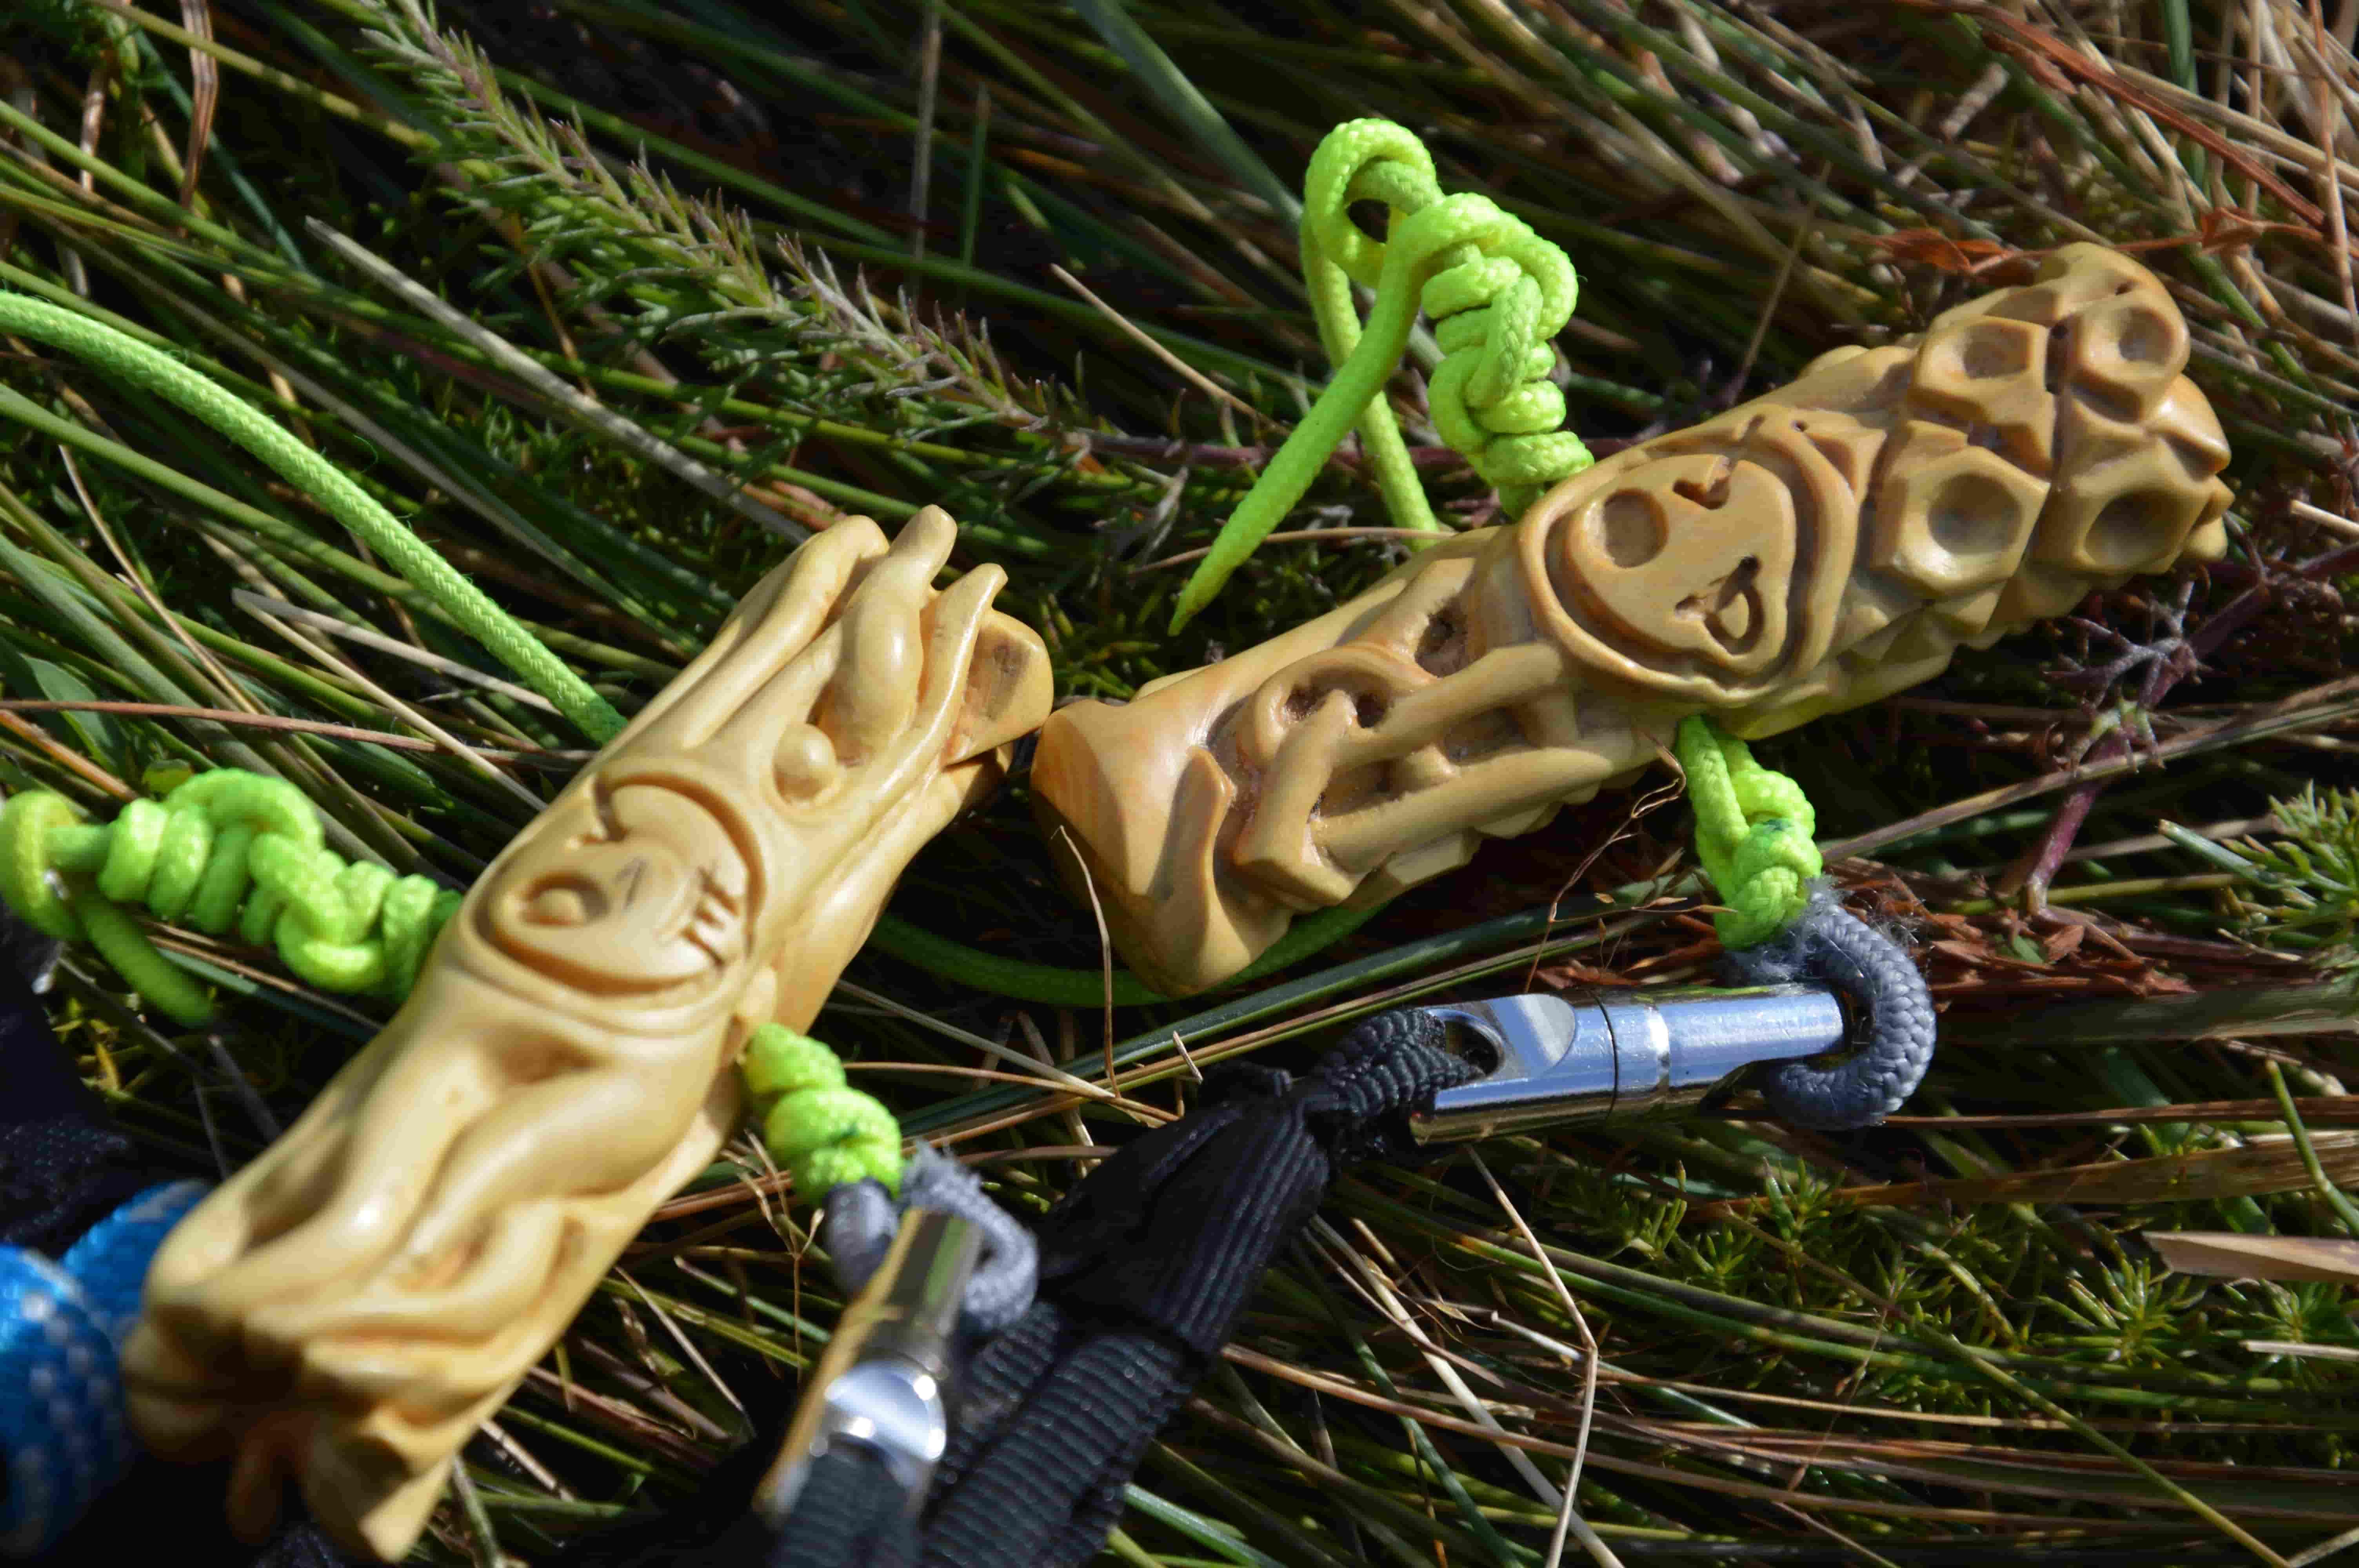 Poignées parapente Acro personnalisé Au fil du vent